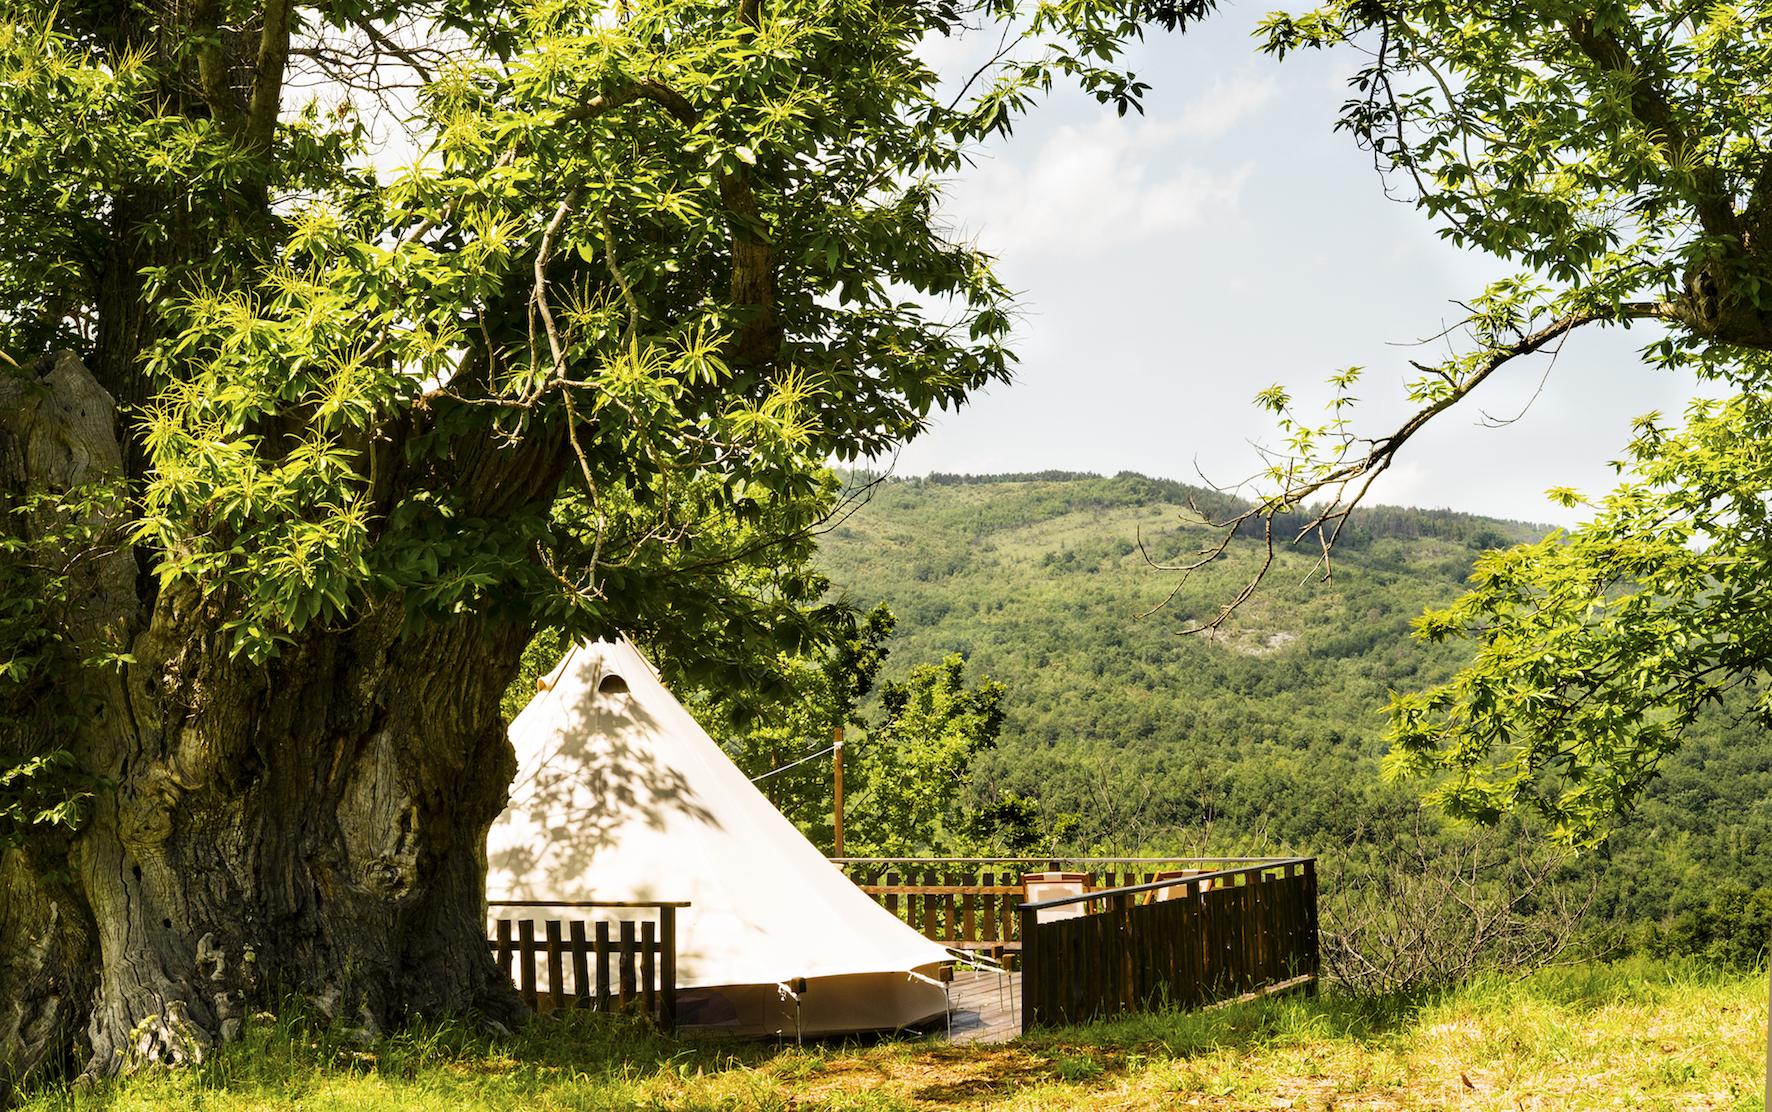 Tenda Chestnut